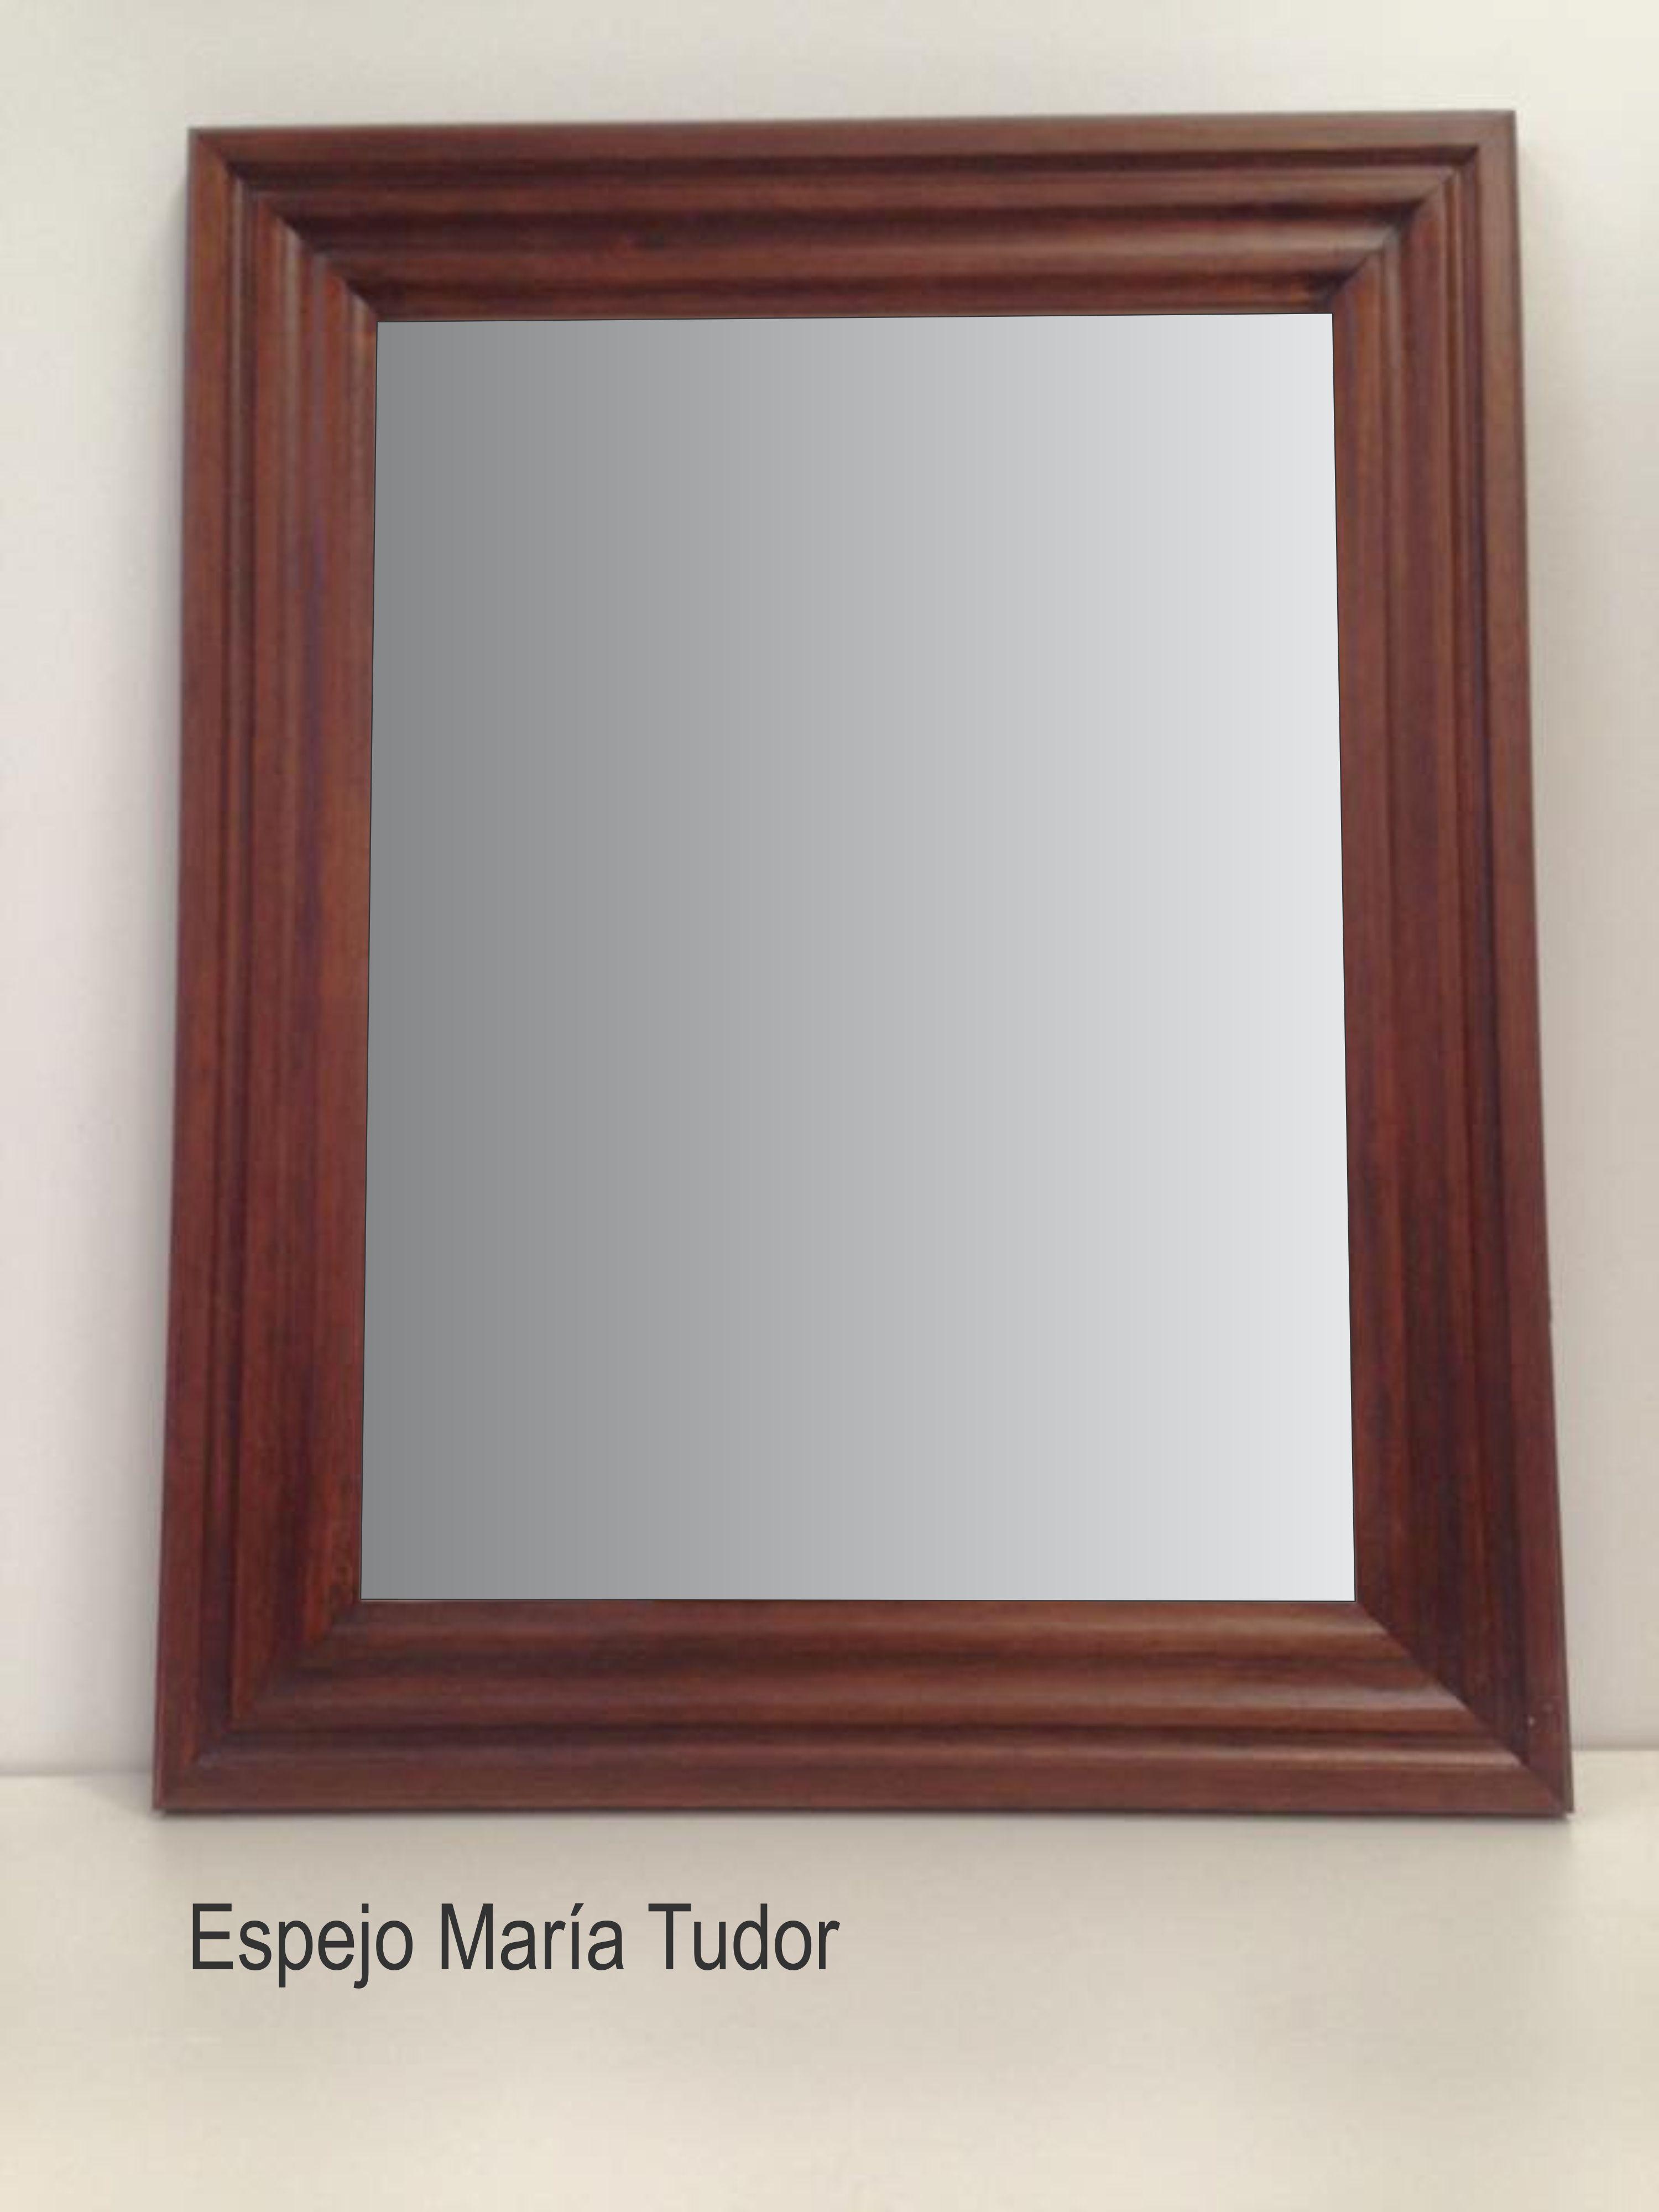 Espejo María Tudor